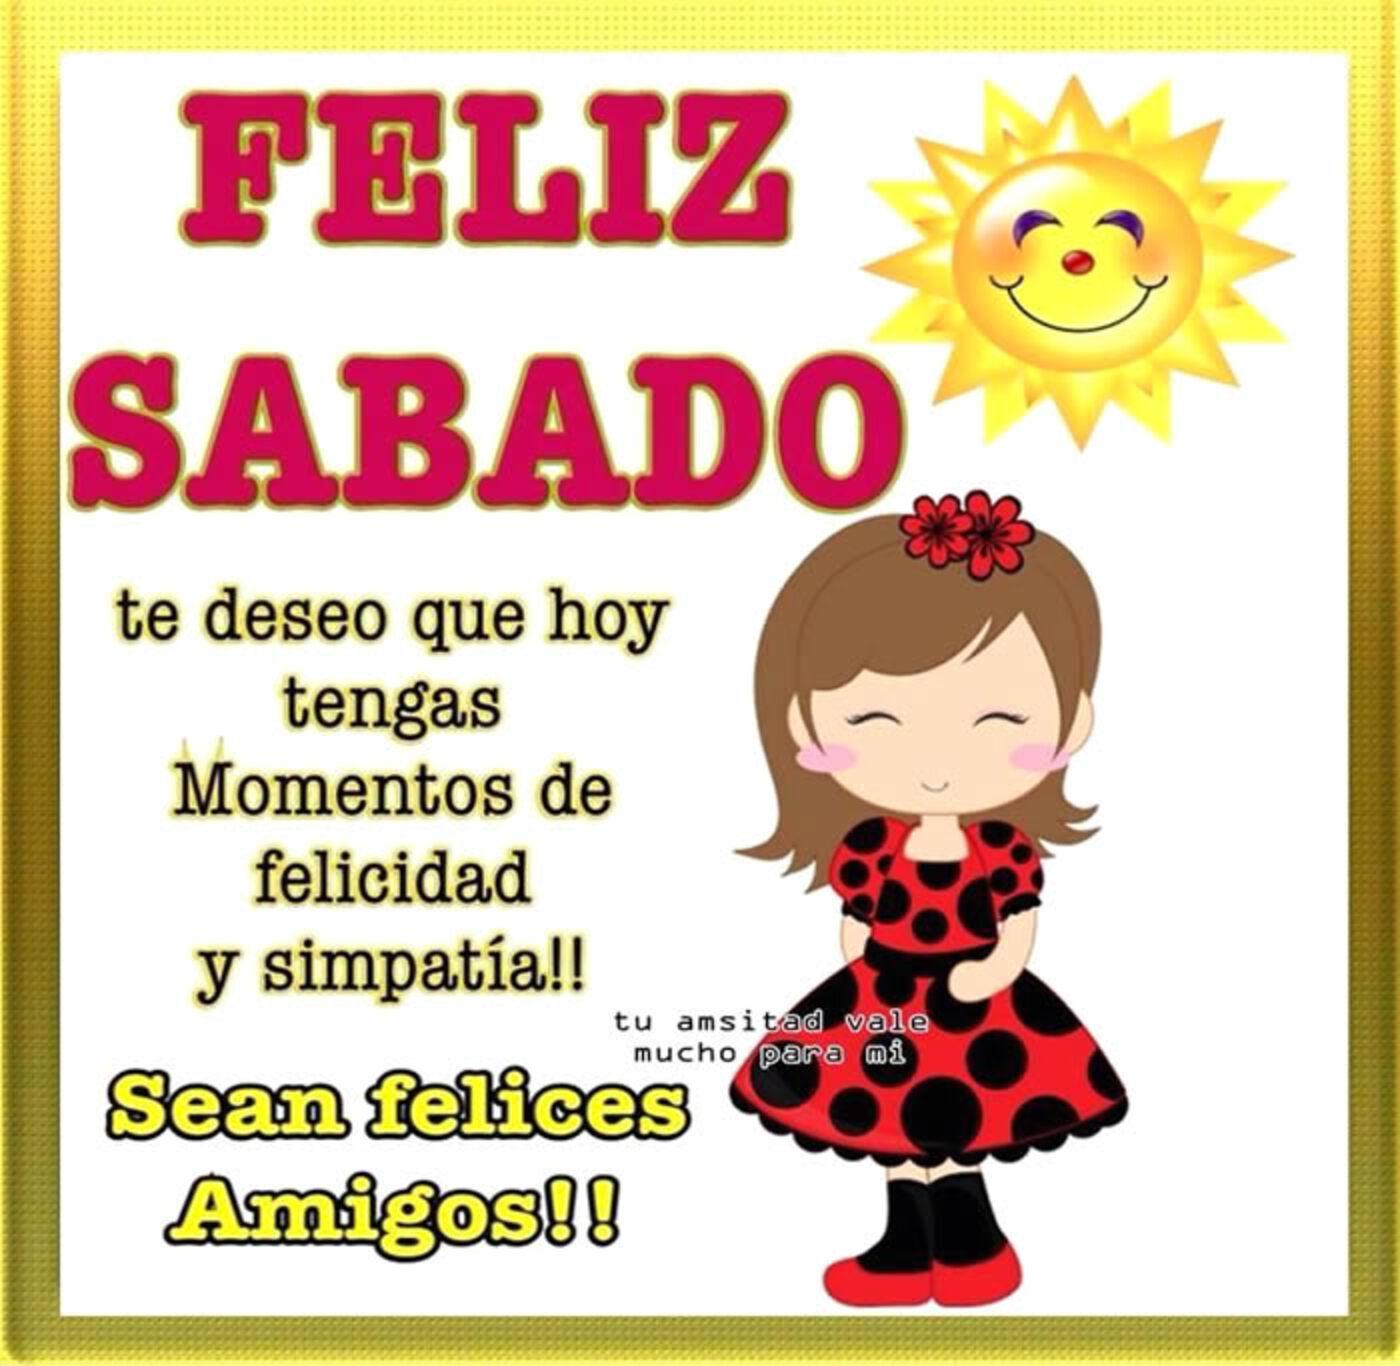 Feliz sábado te deseo que hoy tengas momentos de felicidad y simpatia! sean felices amigos!!